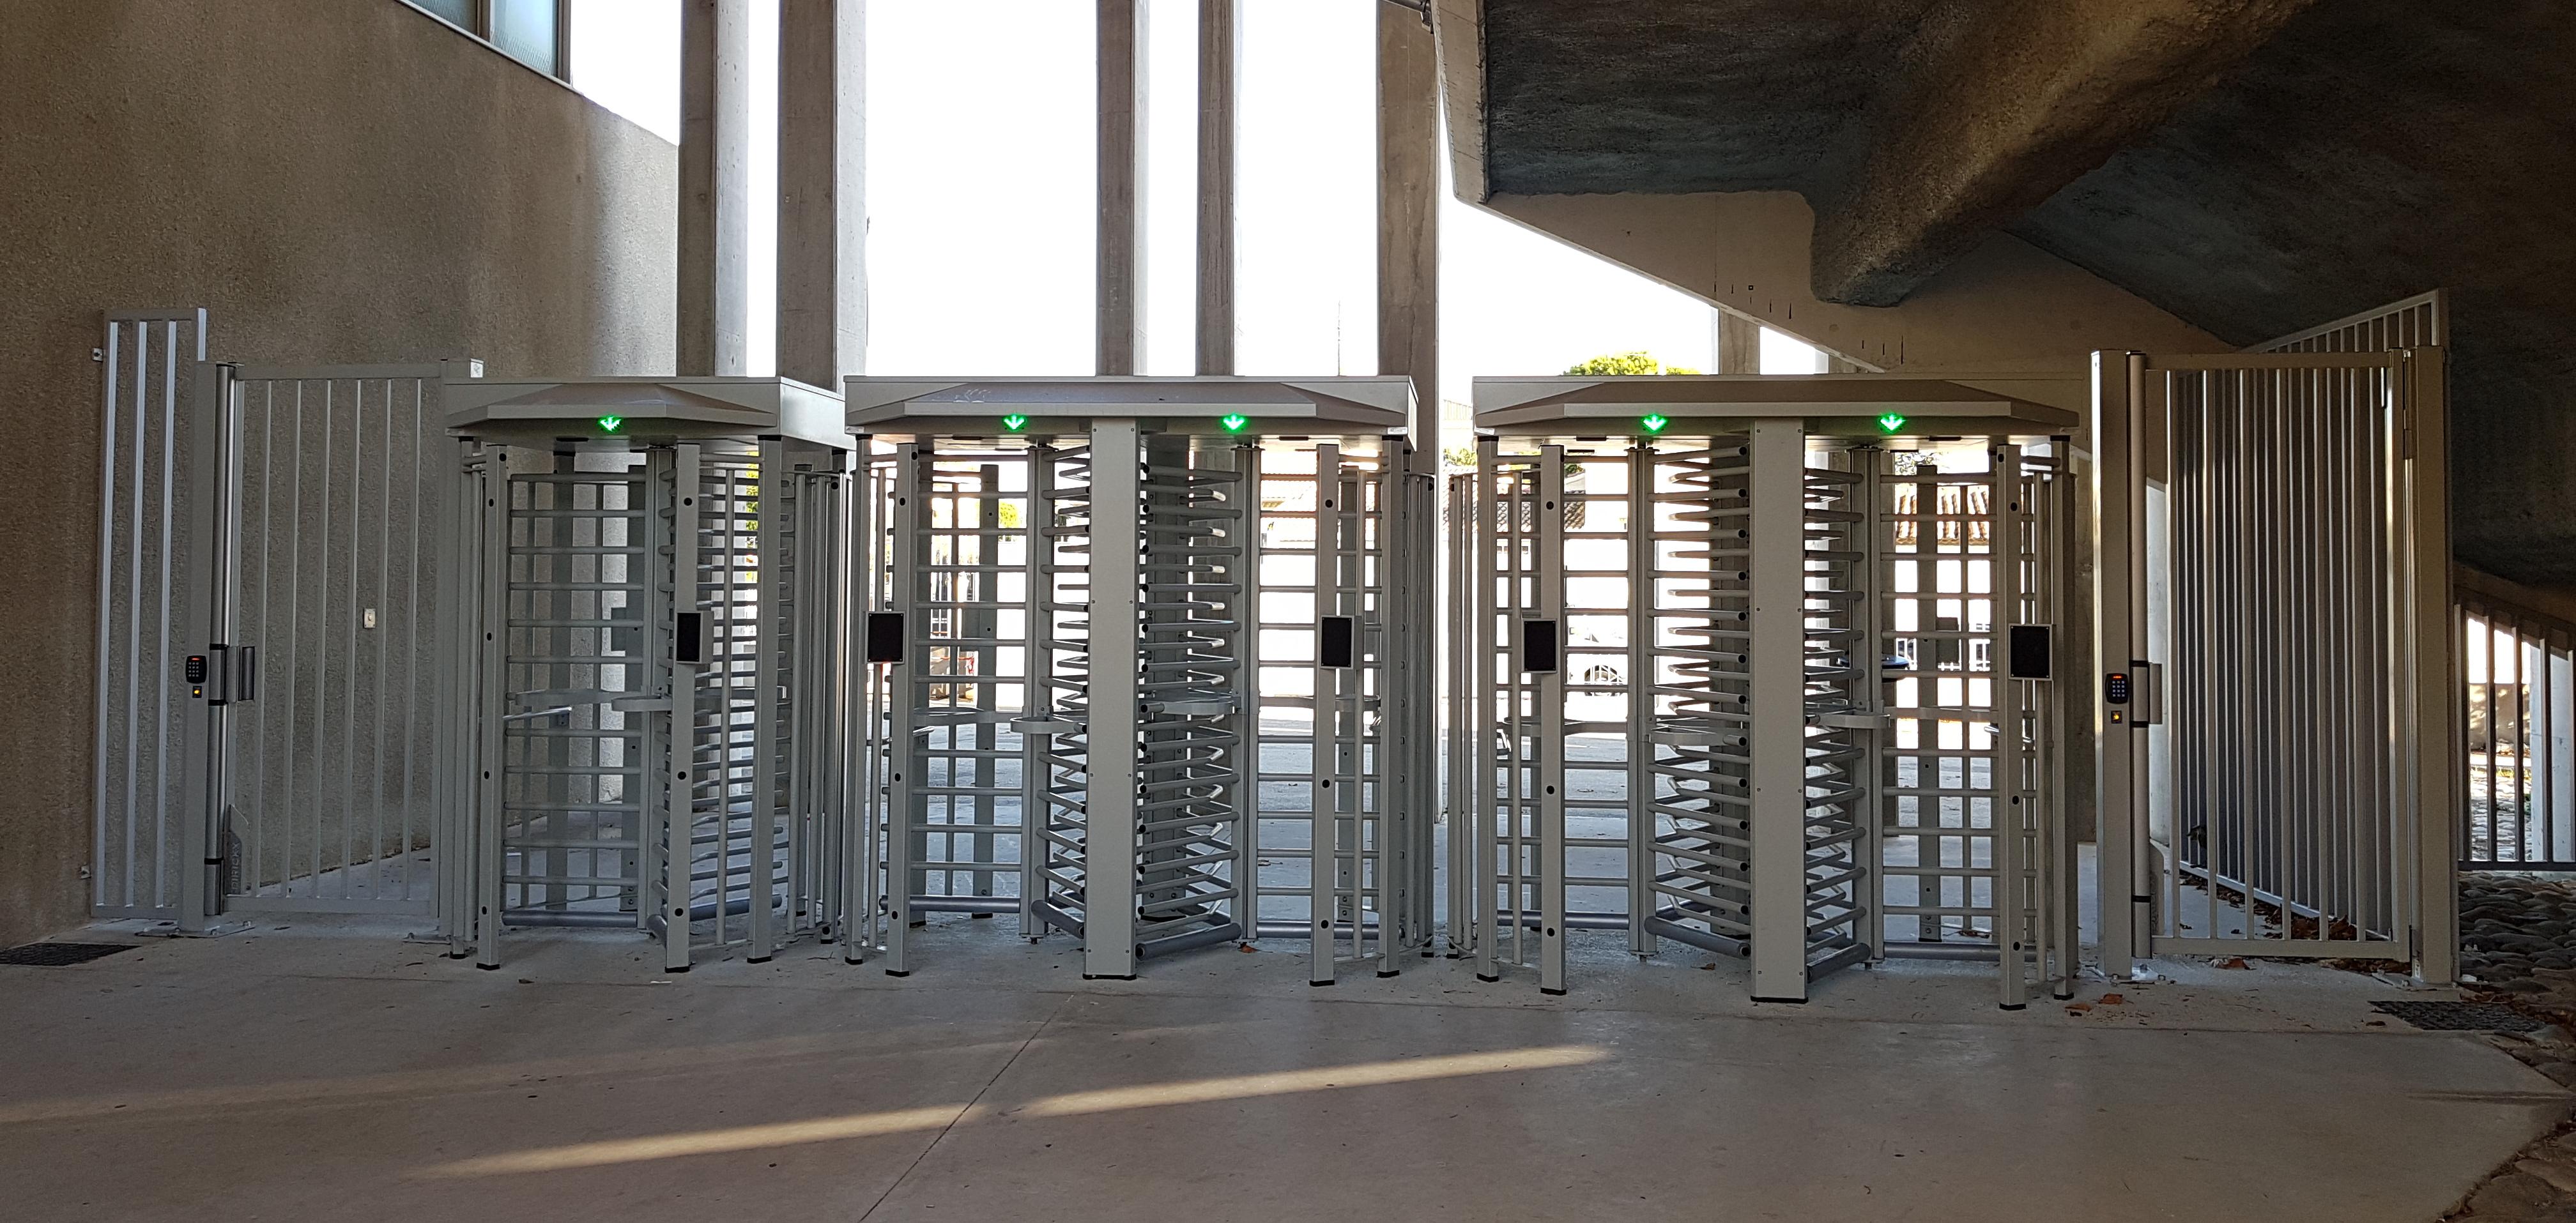 TRS full-height turnstile